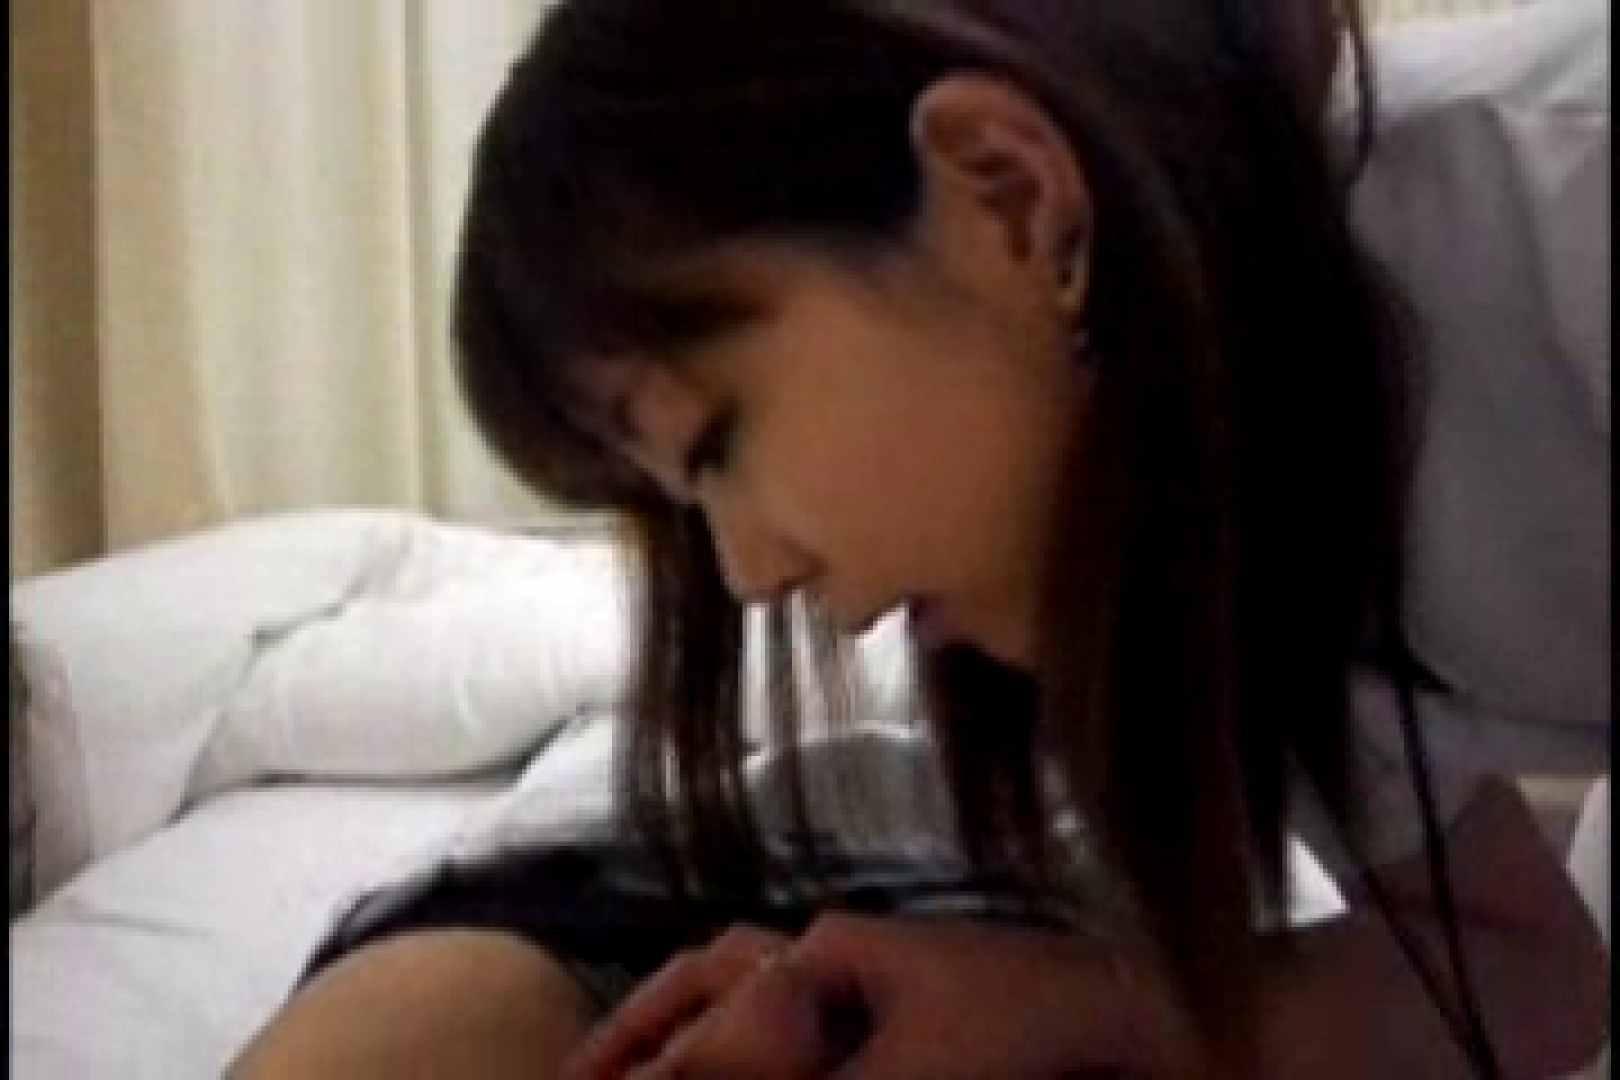 ヤリマンと呼ばれた看護士さんvol1 OLのエッチ | シックスナイン  112pic 76